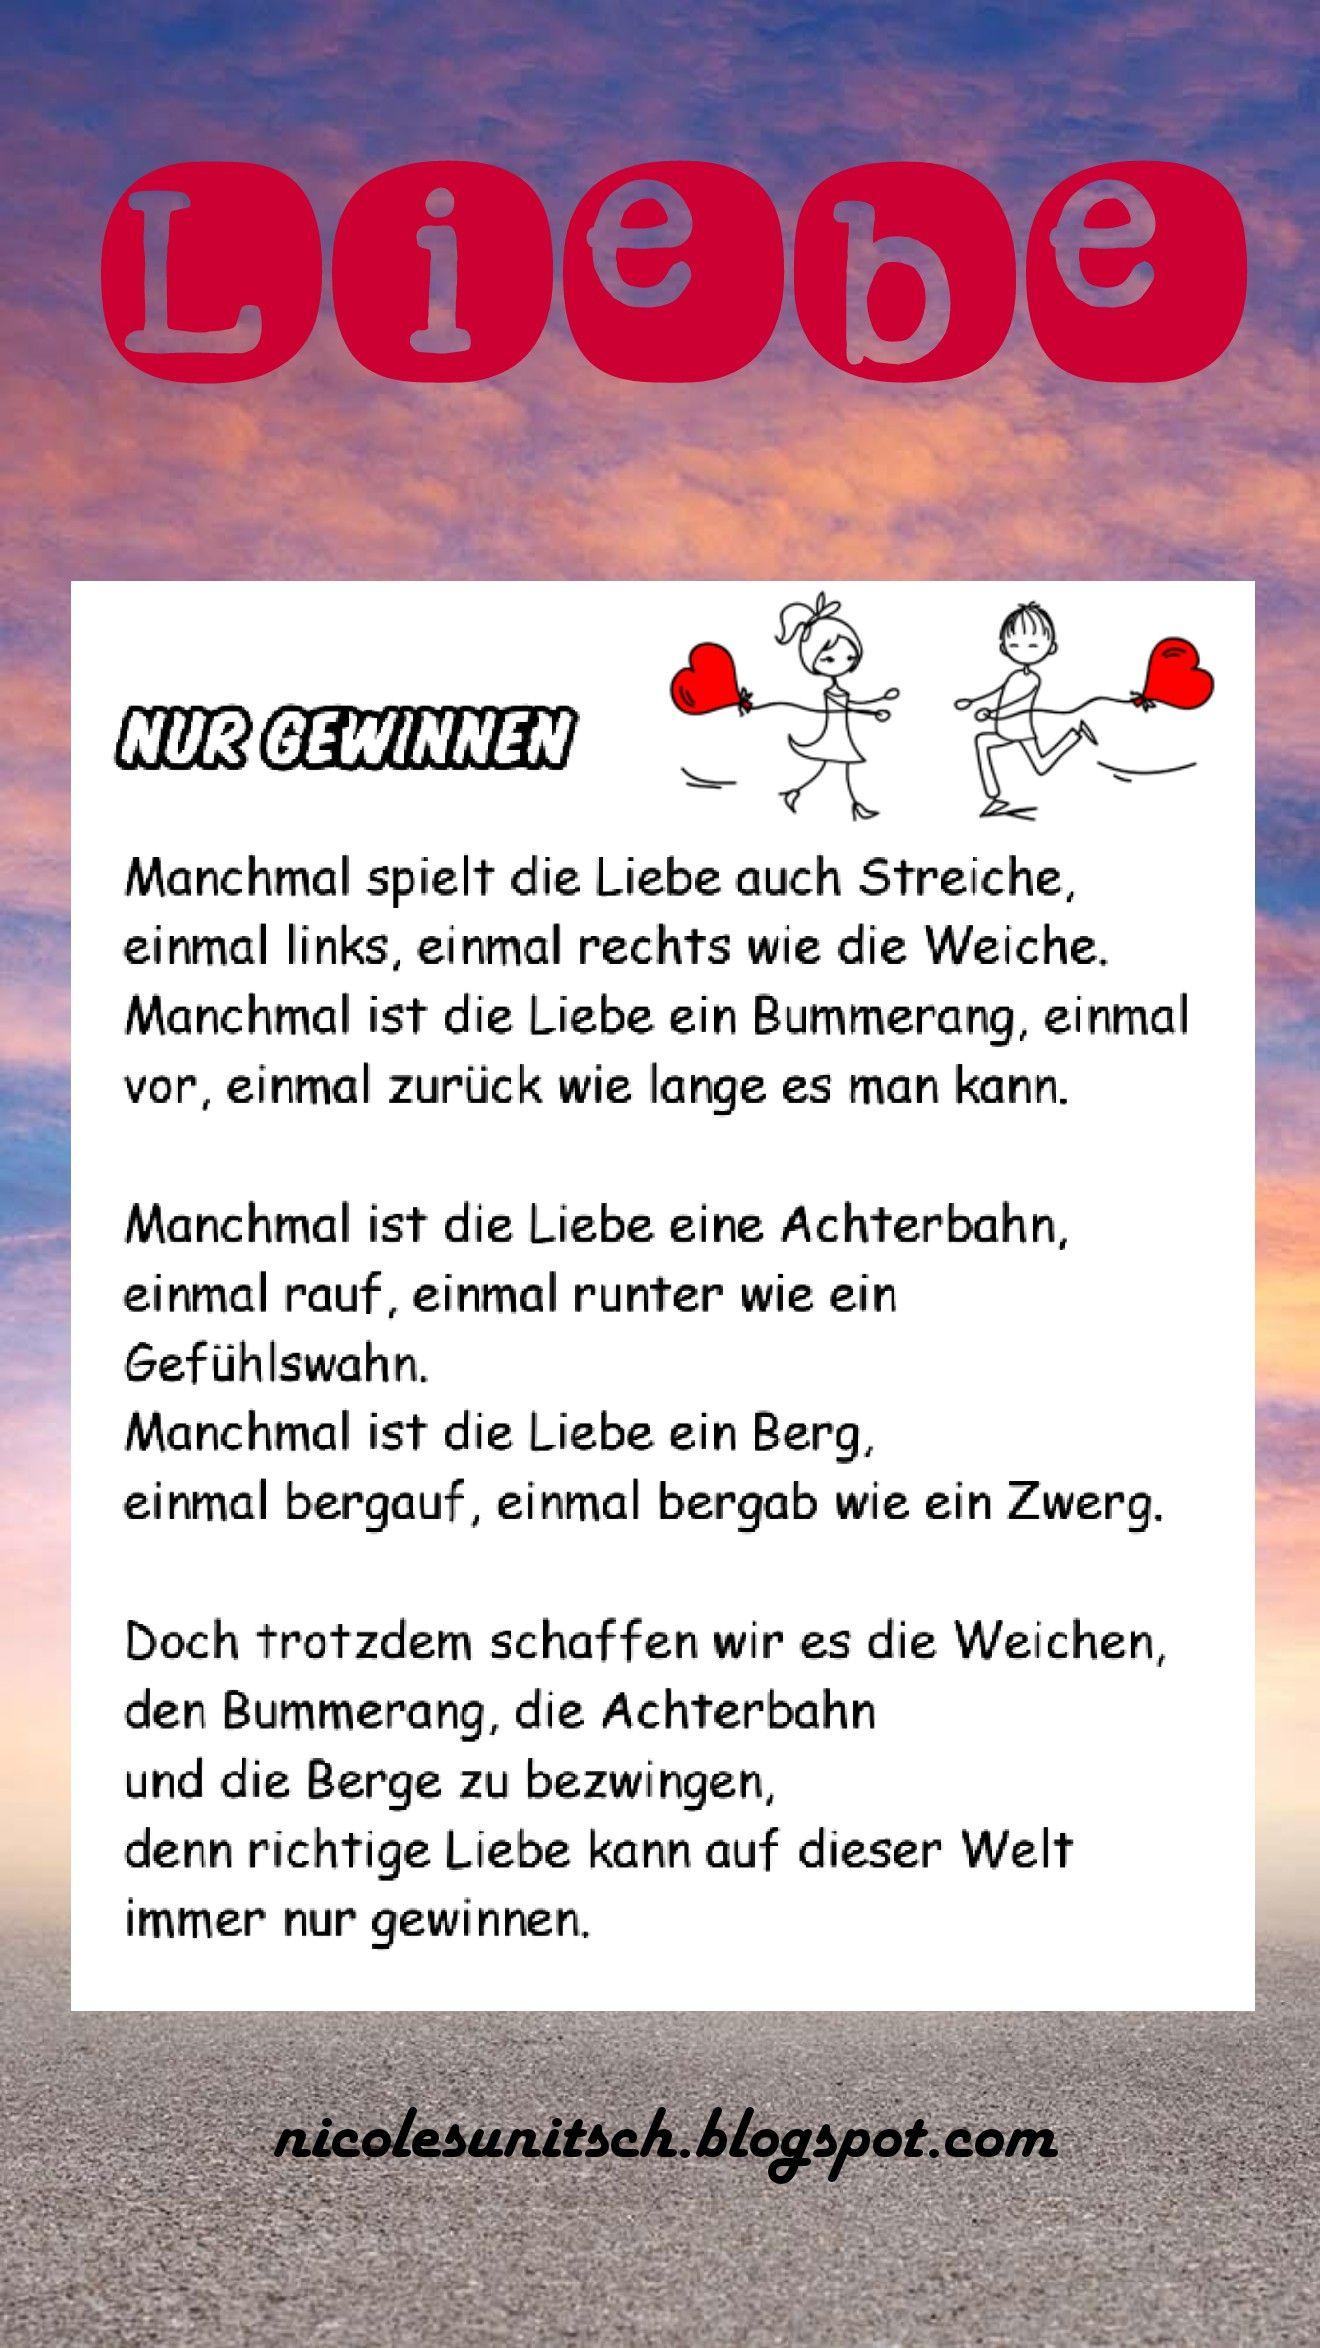 Gedichte Von Nicole Sunitsch Autorin Gedichte Und Spruche Liebesgedicht Worter